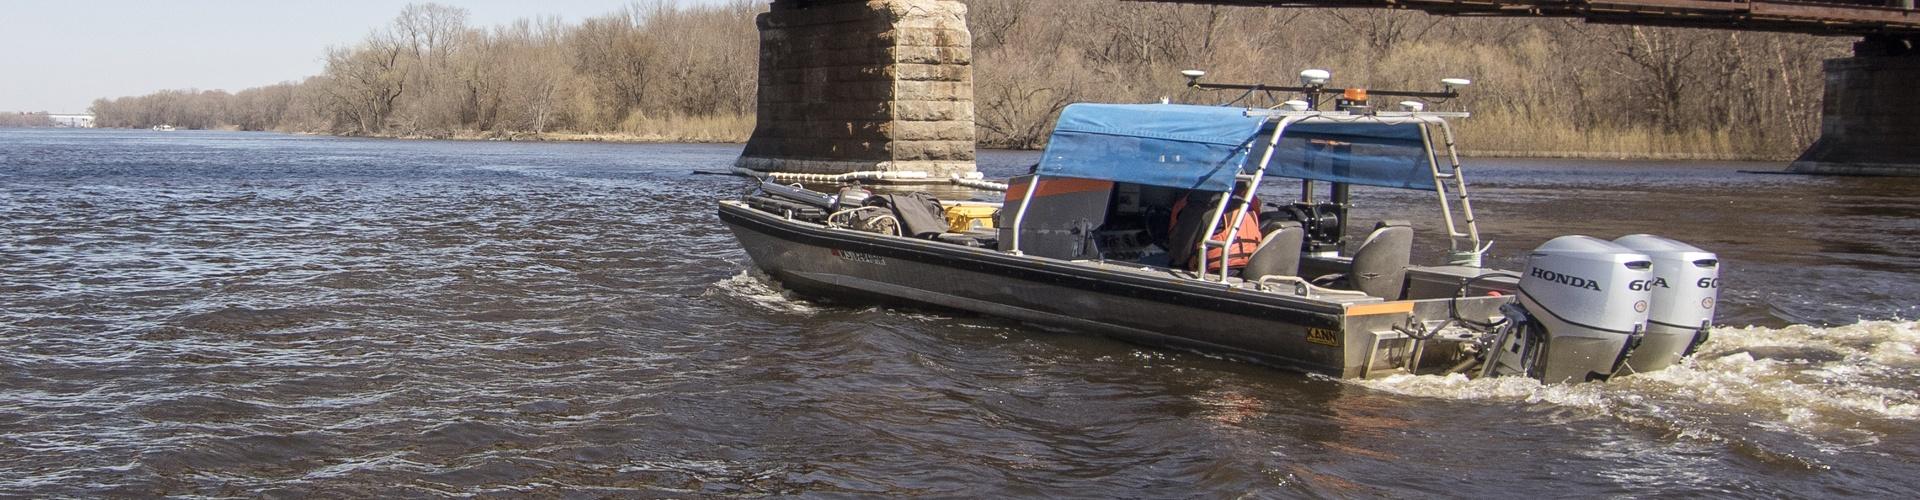 hydrographic survey of railroad bridges, hydrographic survey, railroad bridges, Mississippi River, bathymetric survey